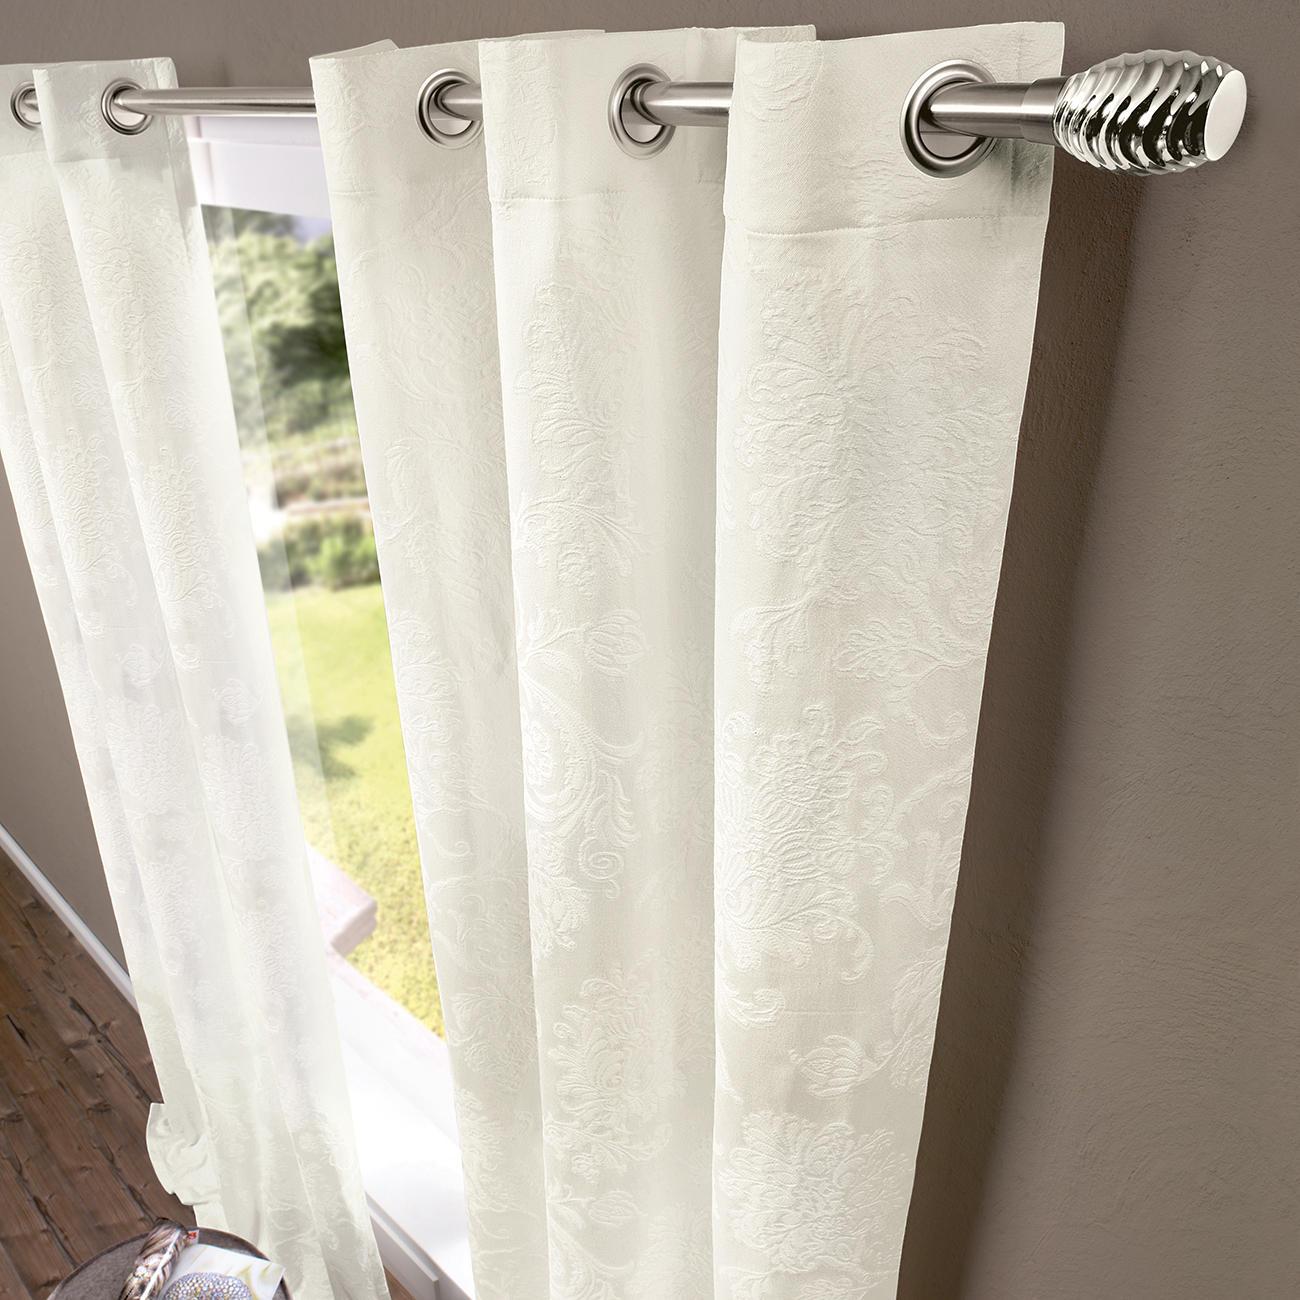 Vorhang piradello 1 st ck vorh nge online kaufen - Vorhang barock ...